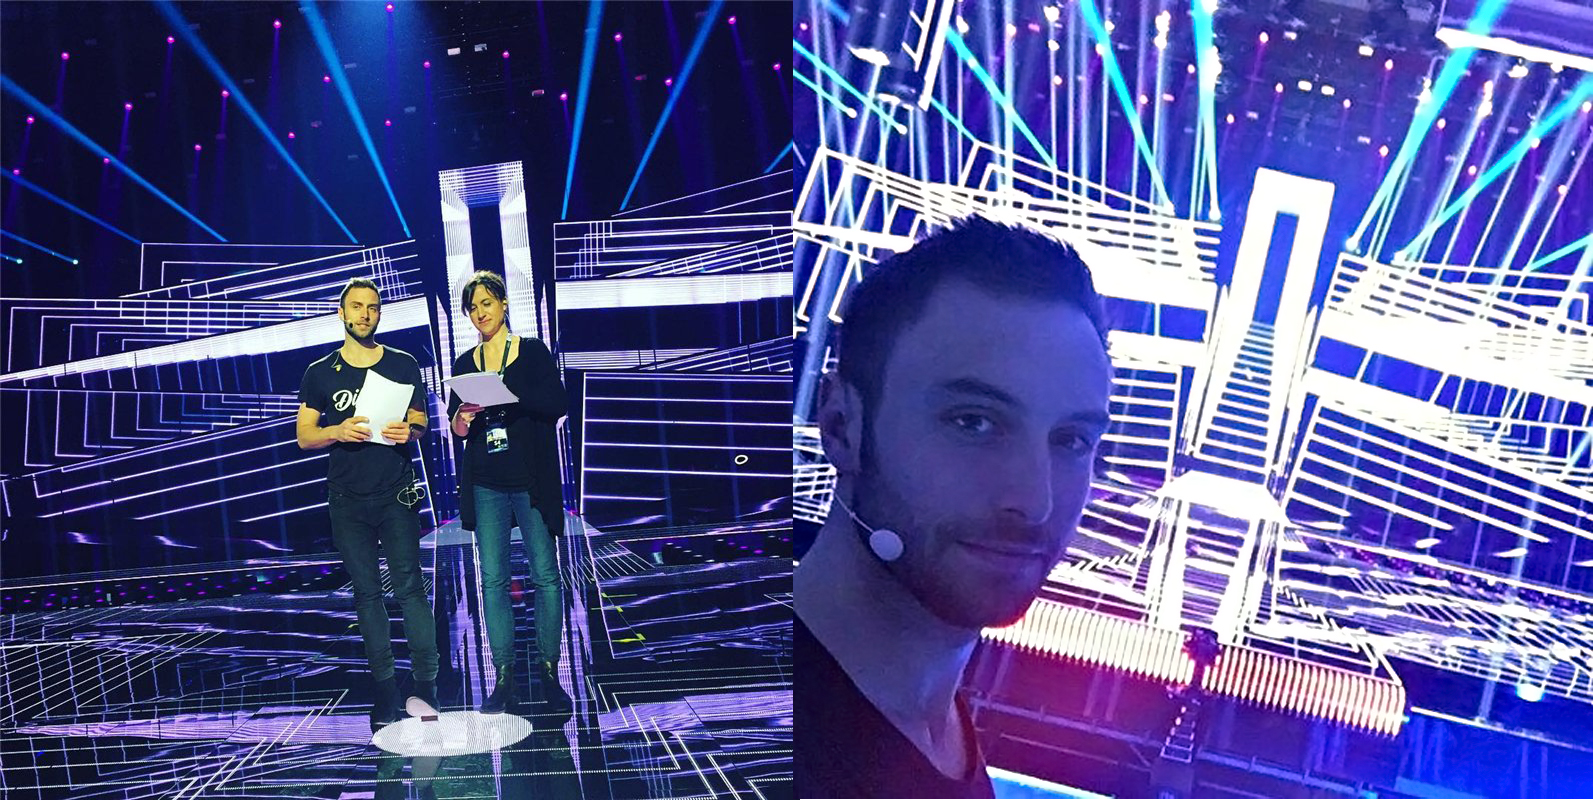 """Prasidėjo """"Eurovizijos 2016"""" vedėjų repeticijos / M. Zelmerlöw asmeninio archyvo nuotr."""